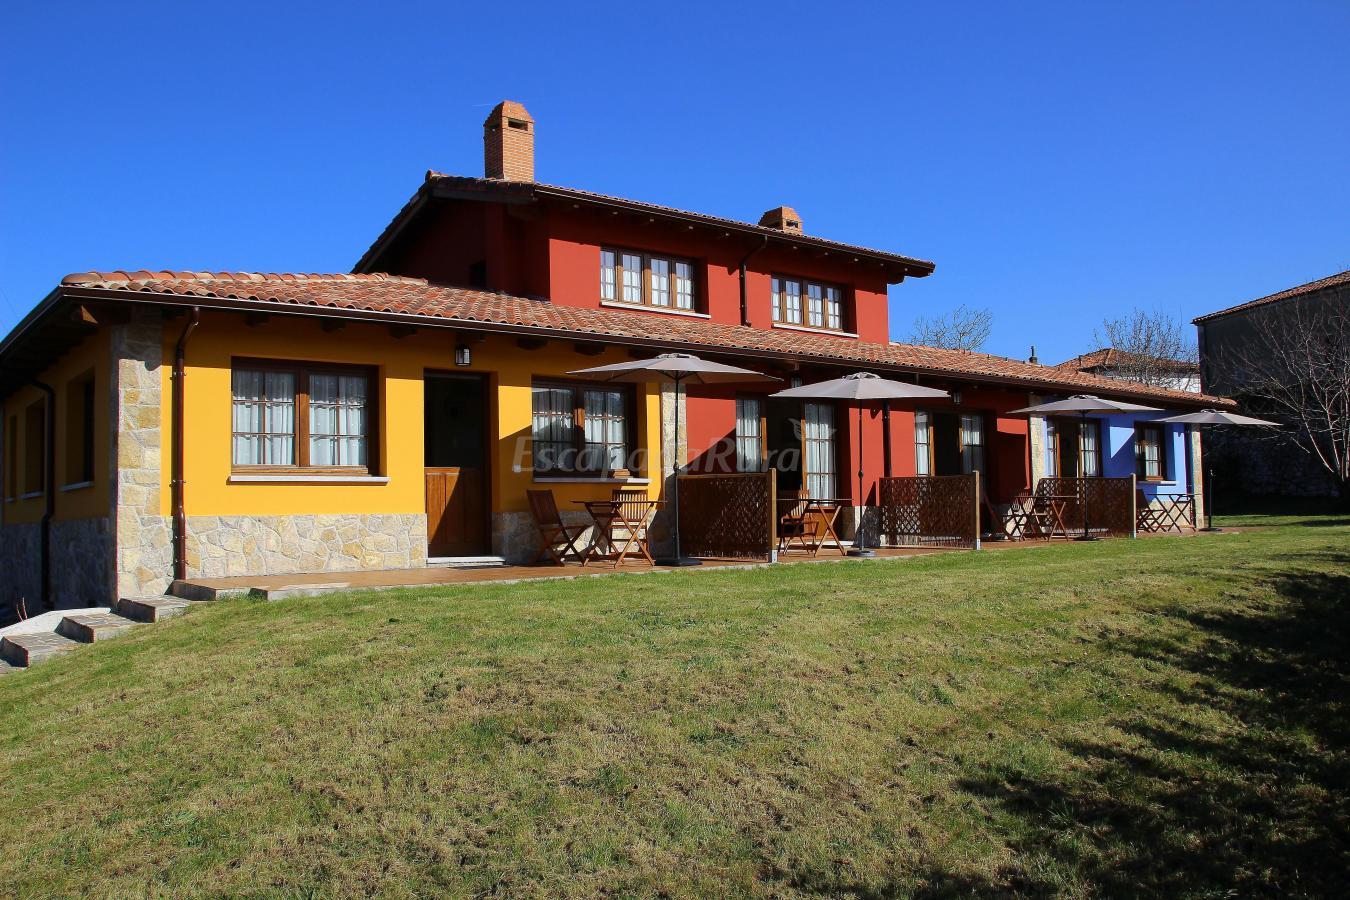 Fotos de apartamentos rurales senda costera casa rural - Fotorural asturias ...